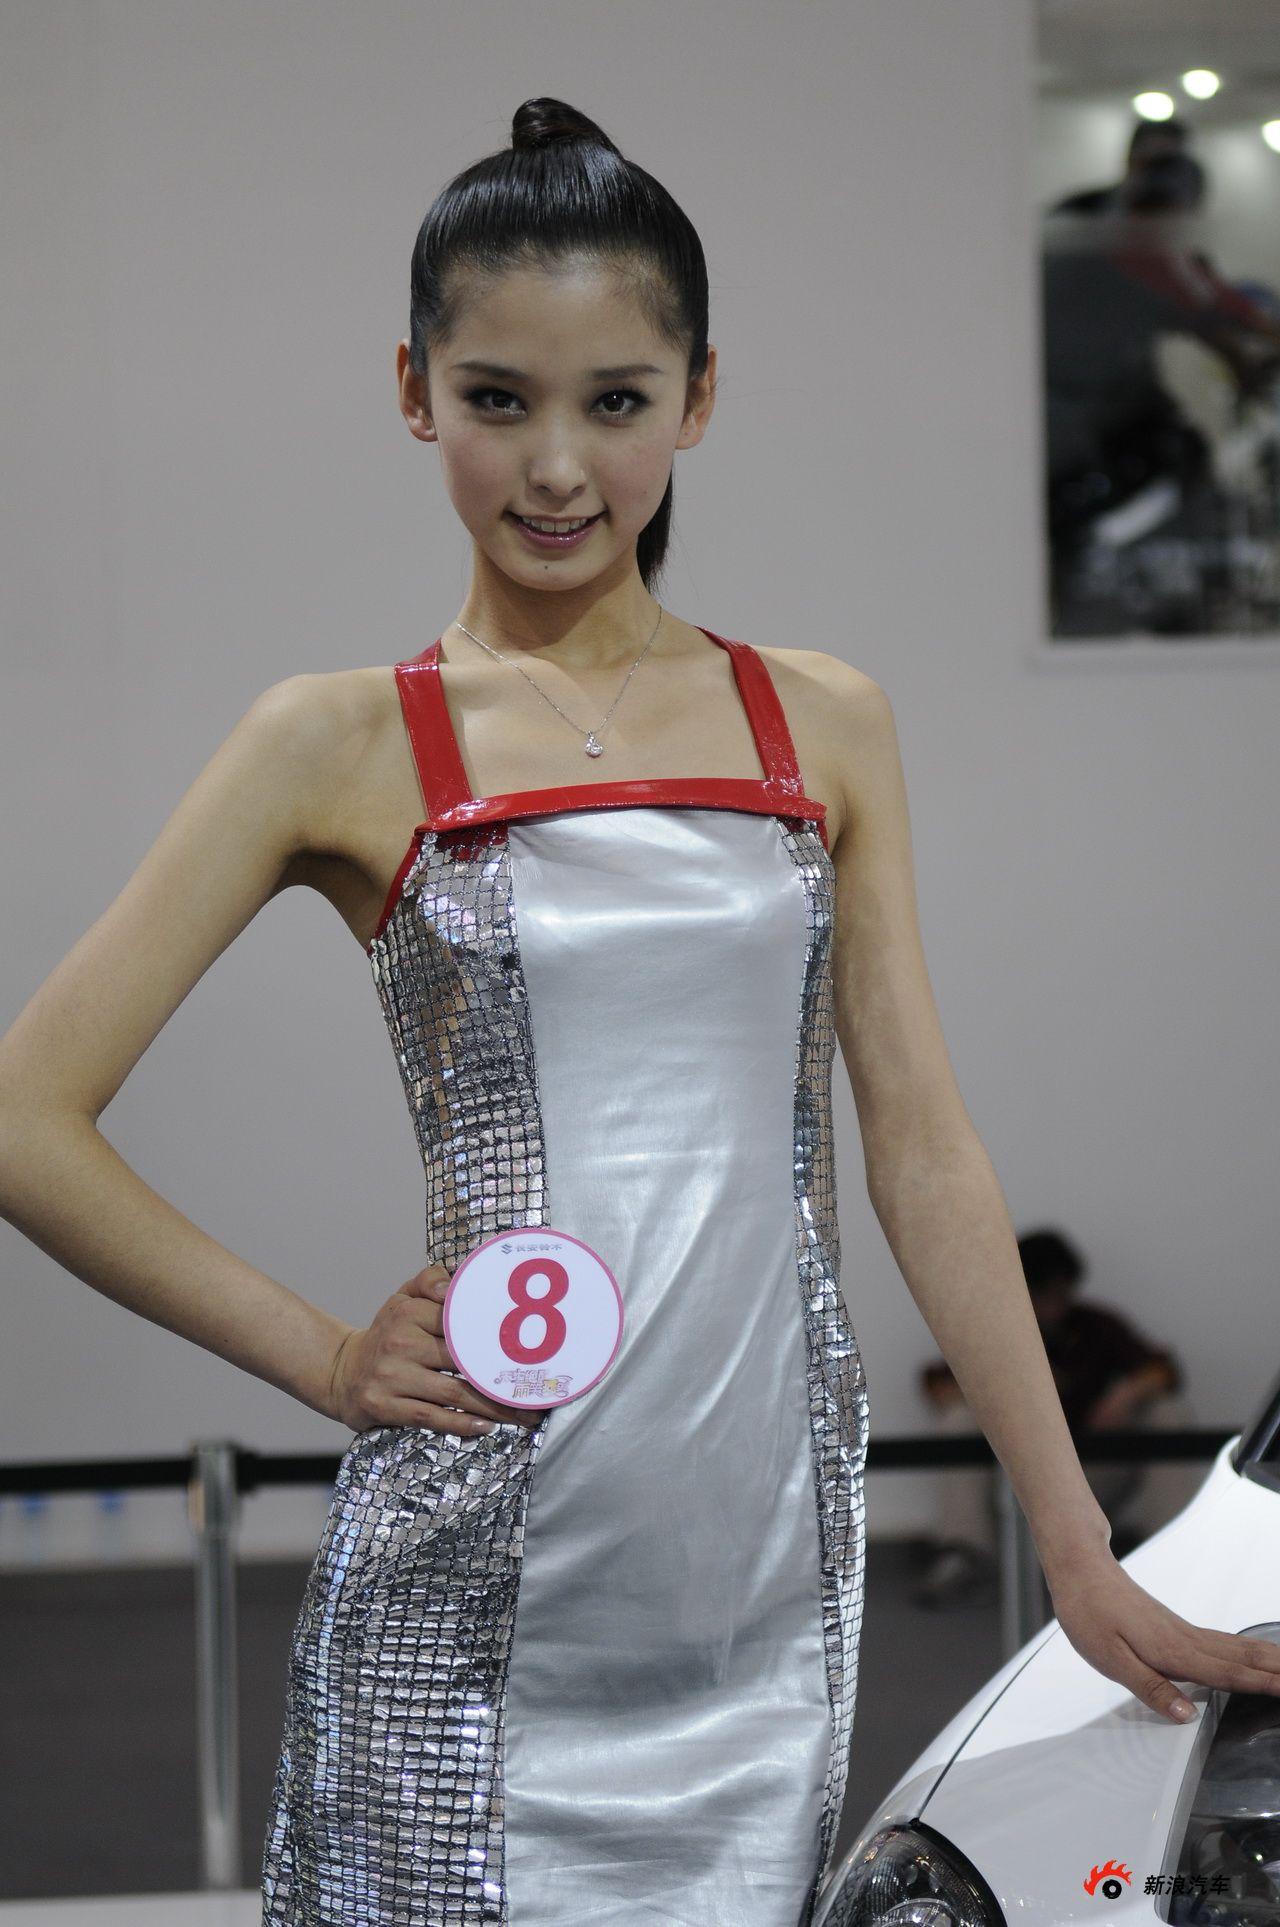 铃木展台9号模特